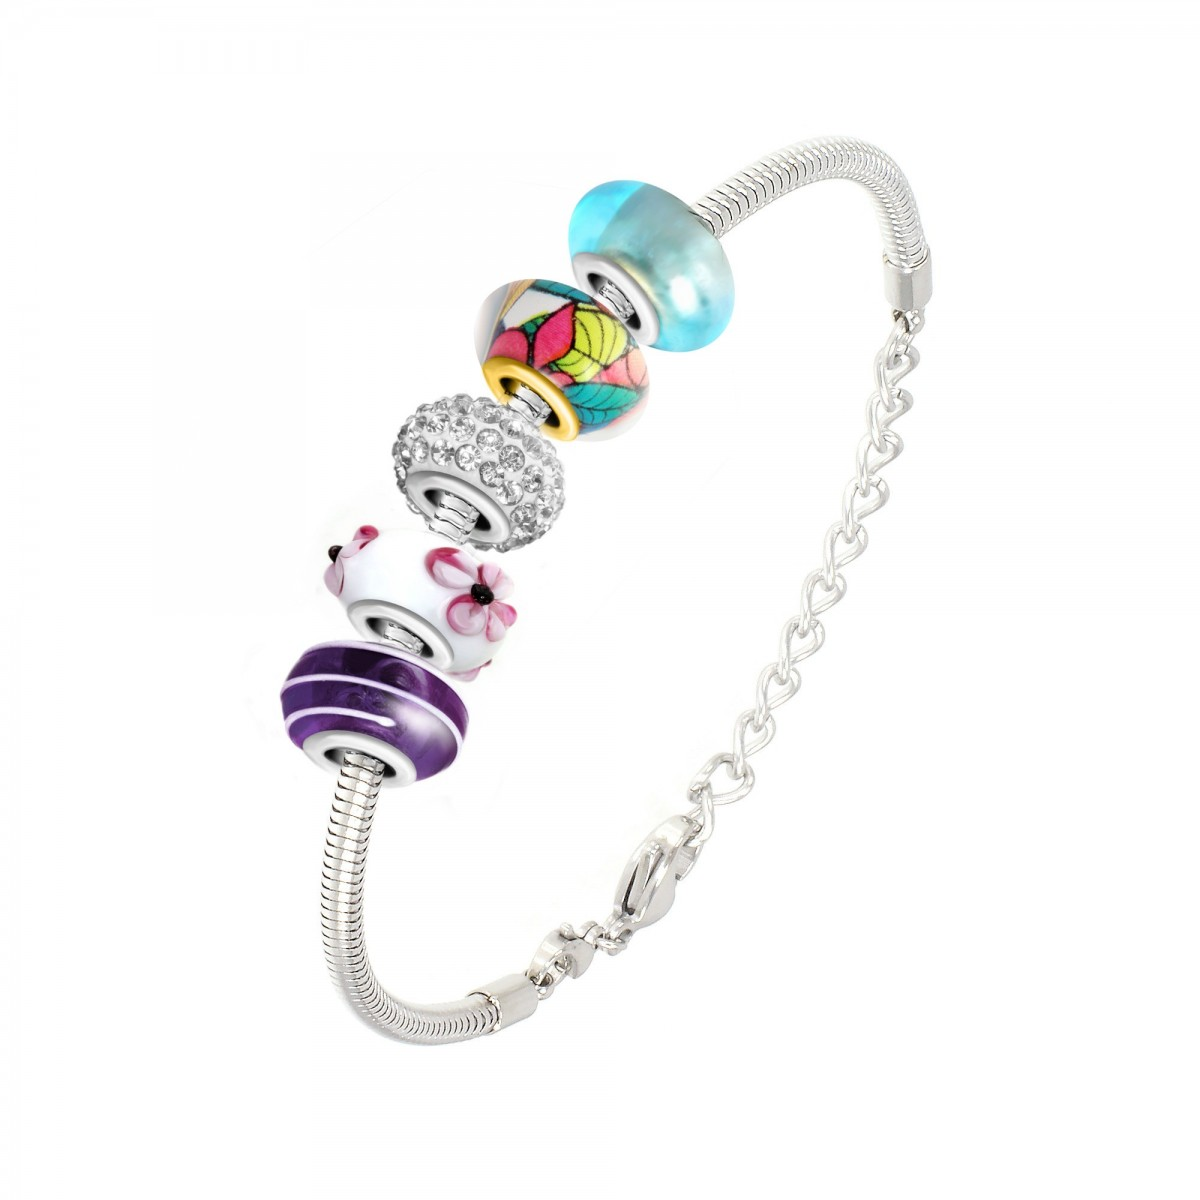 Bracelet de charms perles multicouleurs et acier So Charm